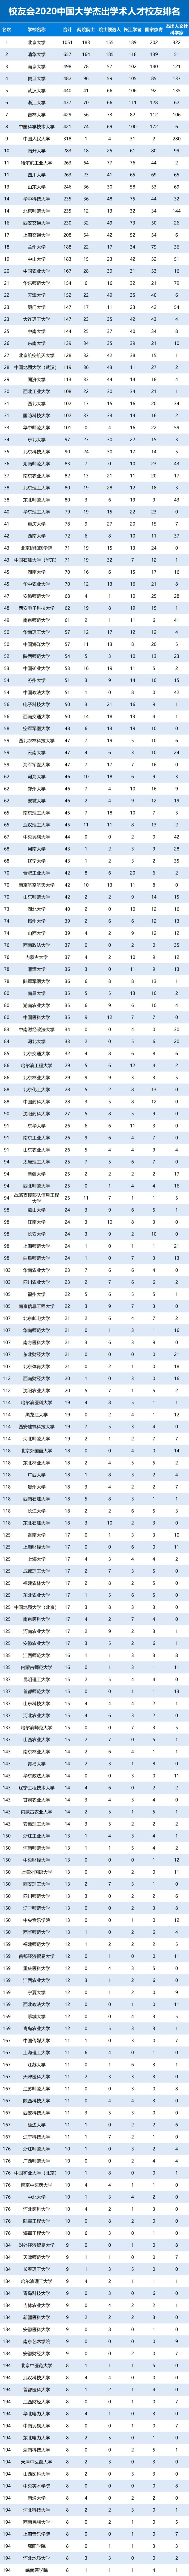 2020中国大学杰出学术人才校友排名:山东五所高校入围百强